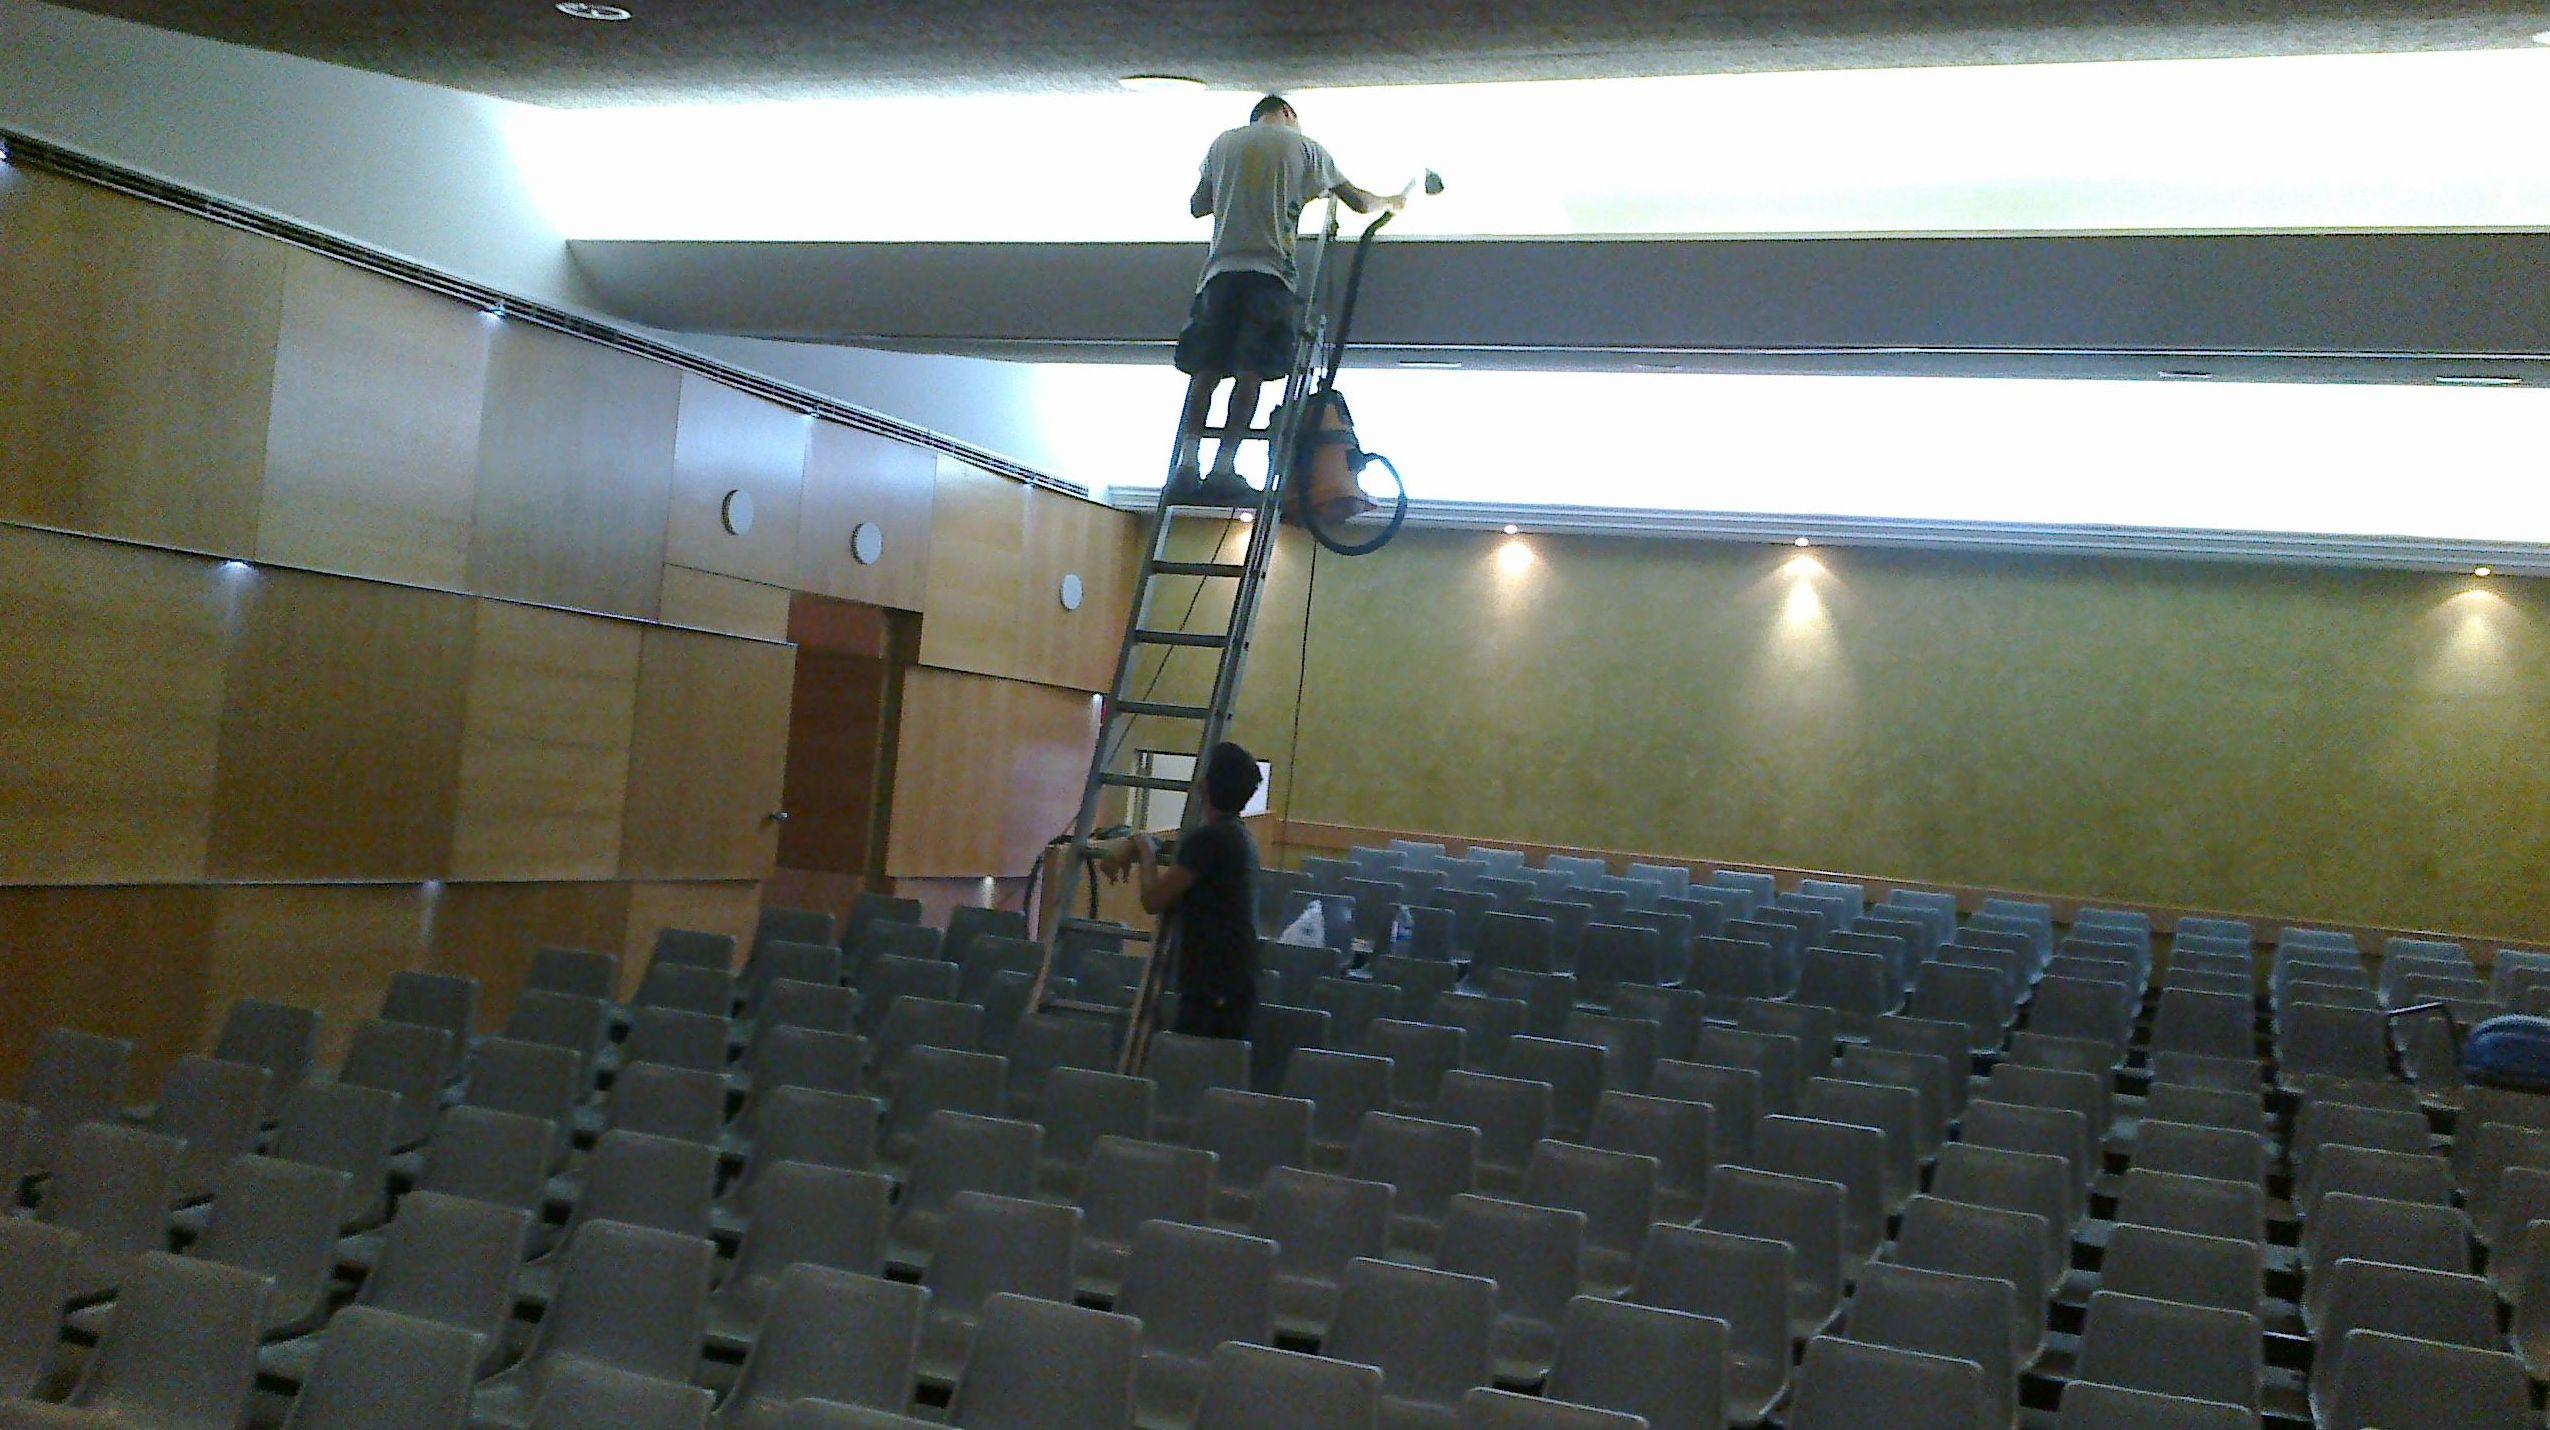 Limpieza de techo de cine